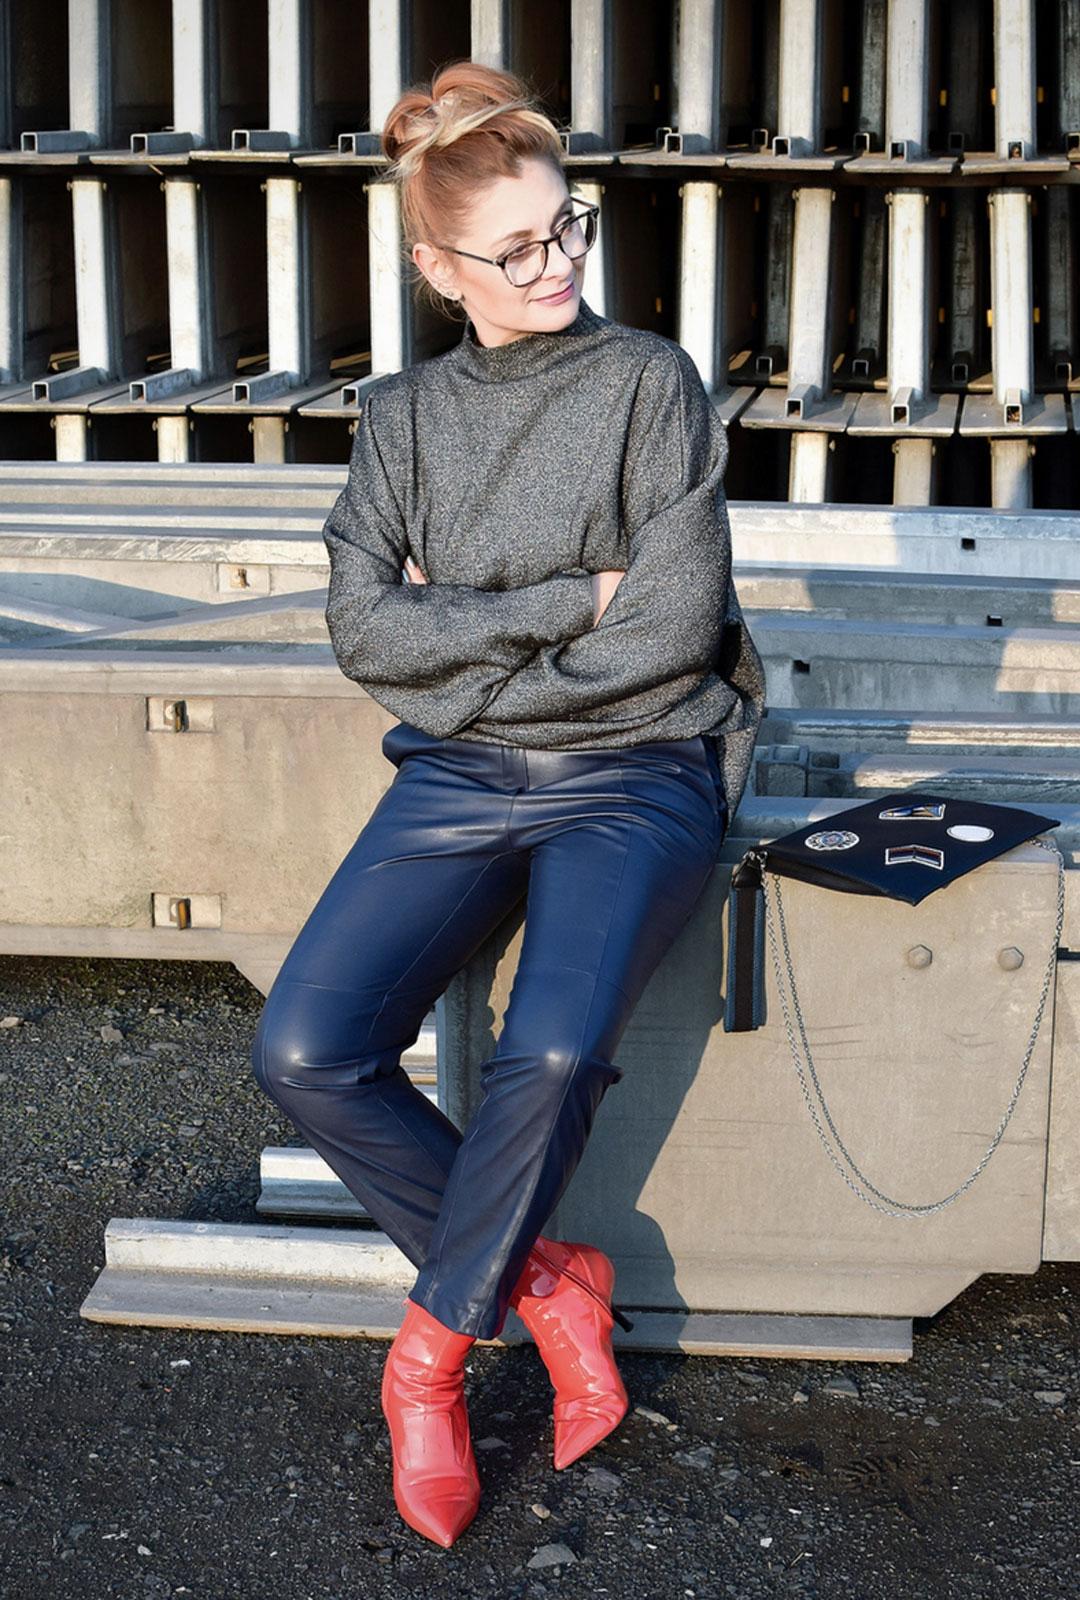 Modeblog für Frauen über 40, Streetstyle für Frauen über 40, Fashionblog für Frauen über 30